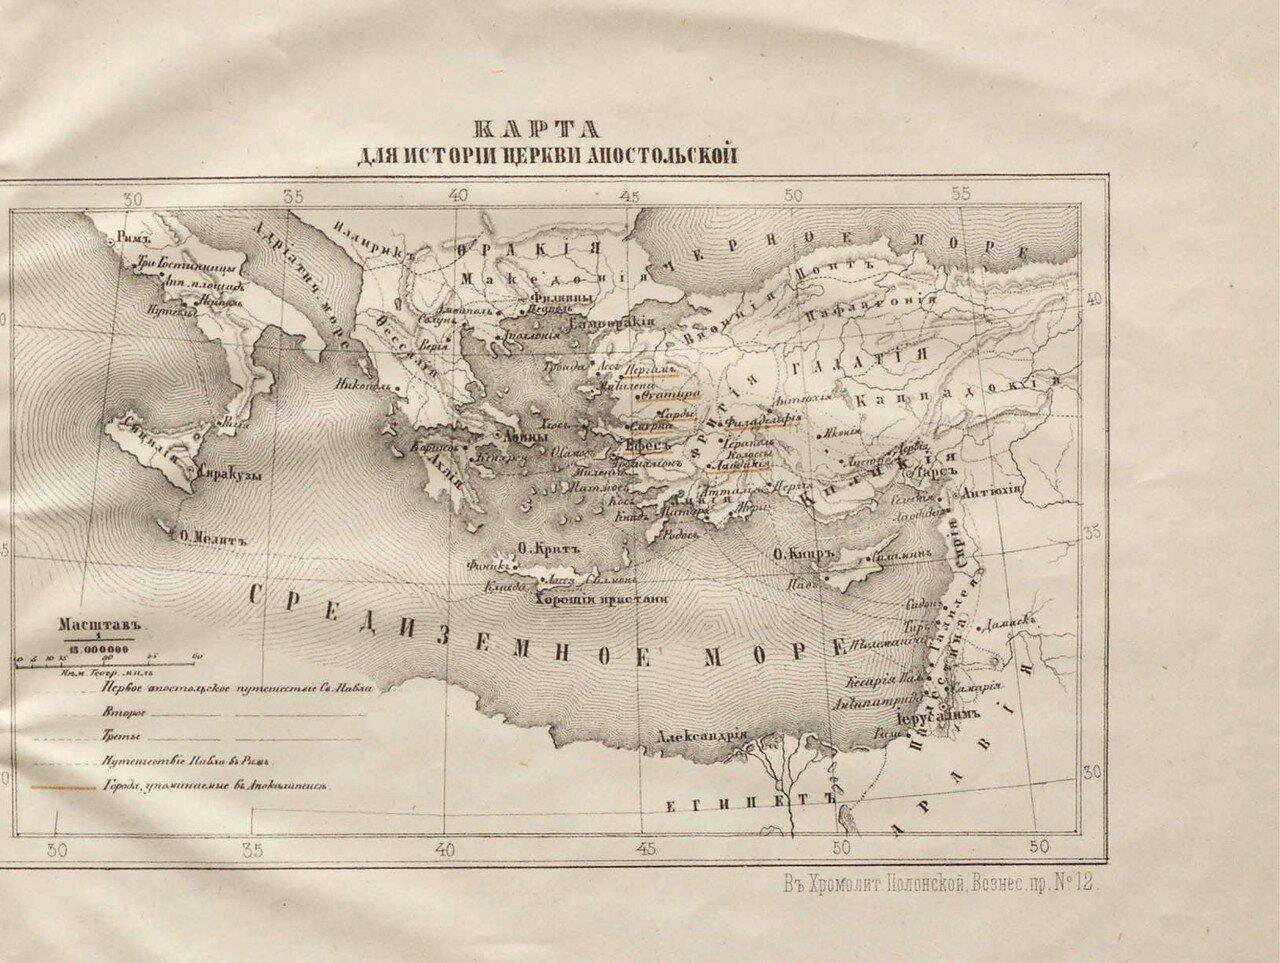 08. Карта для истории Церкви Апостольской